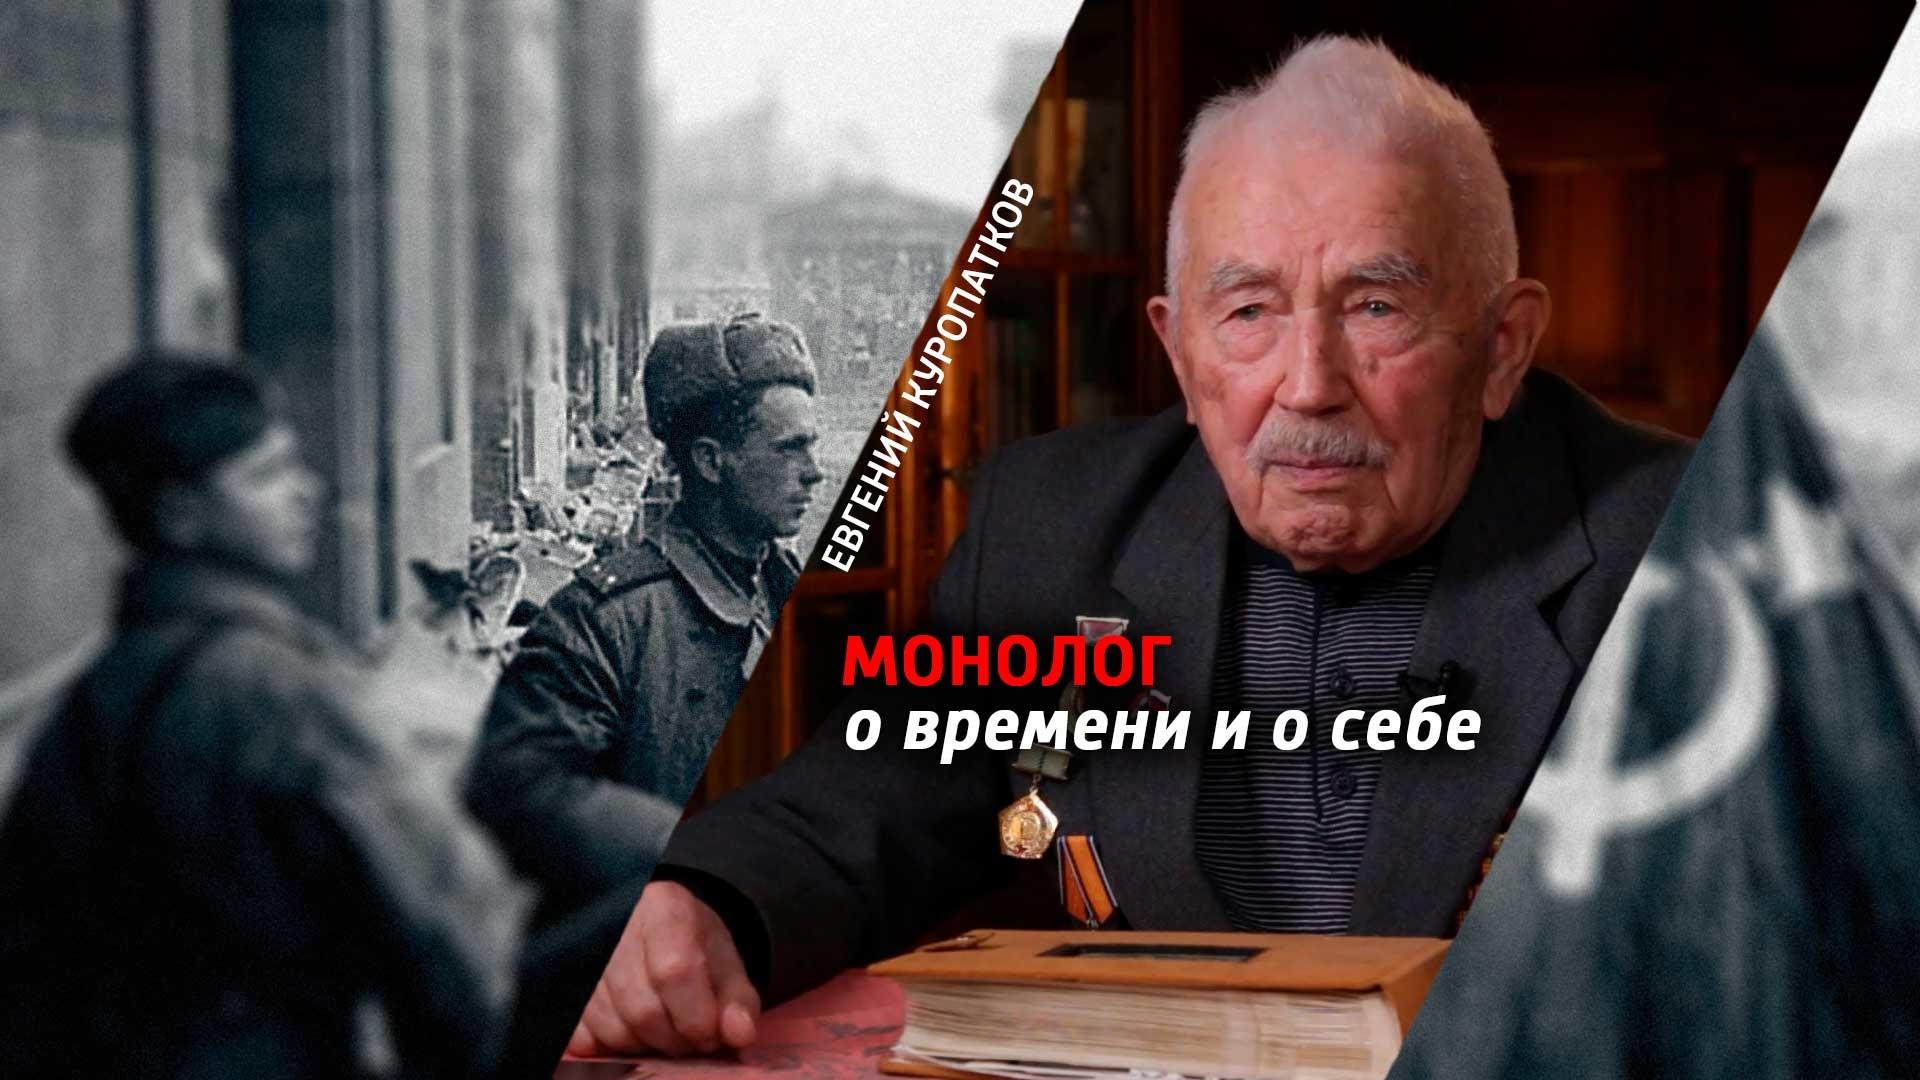 Евгений Куропатков. Монолог о времени и о себе